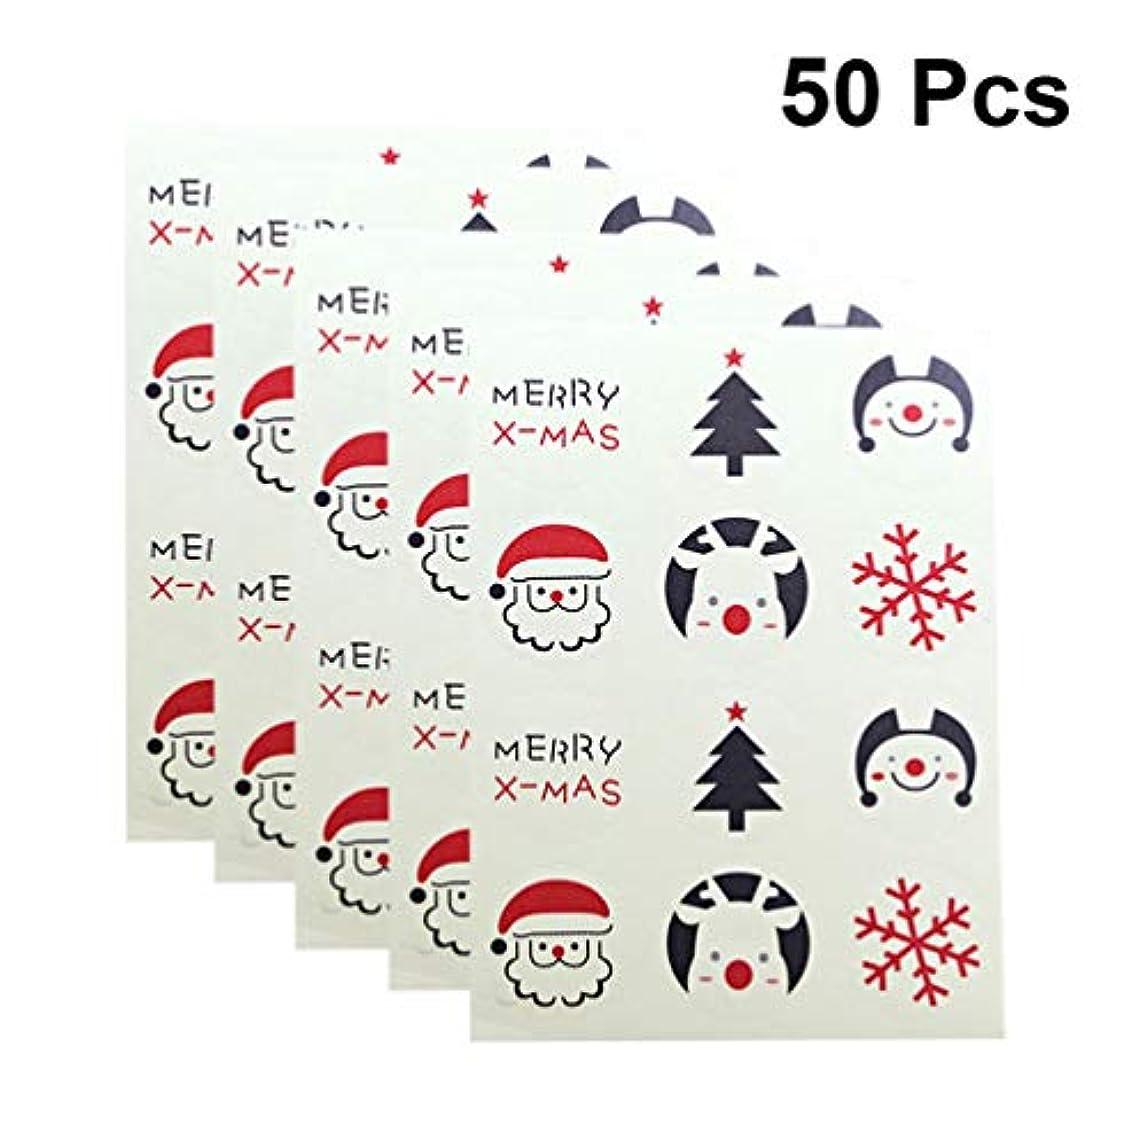 悲しみ違反する学校Healifty クリスマスシールステッカーサンタ装飾シールステッカー粘着封筒シールラベルデカール用装飾50枚